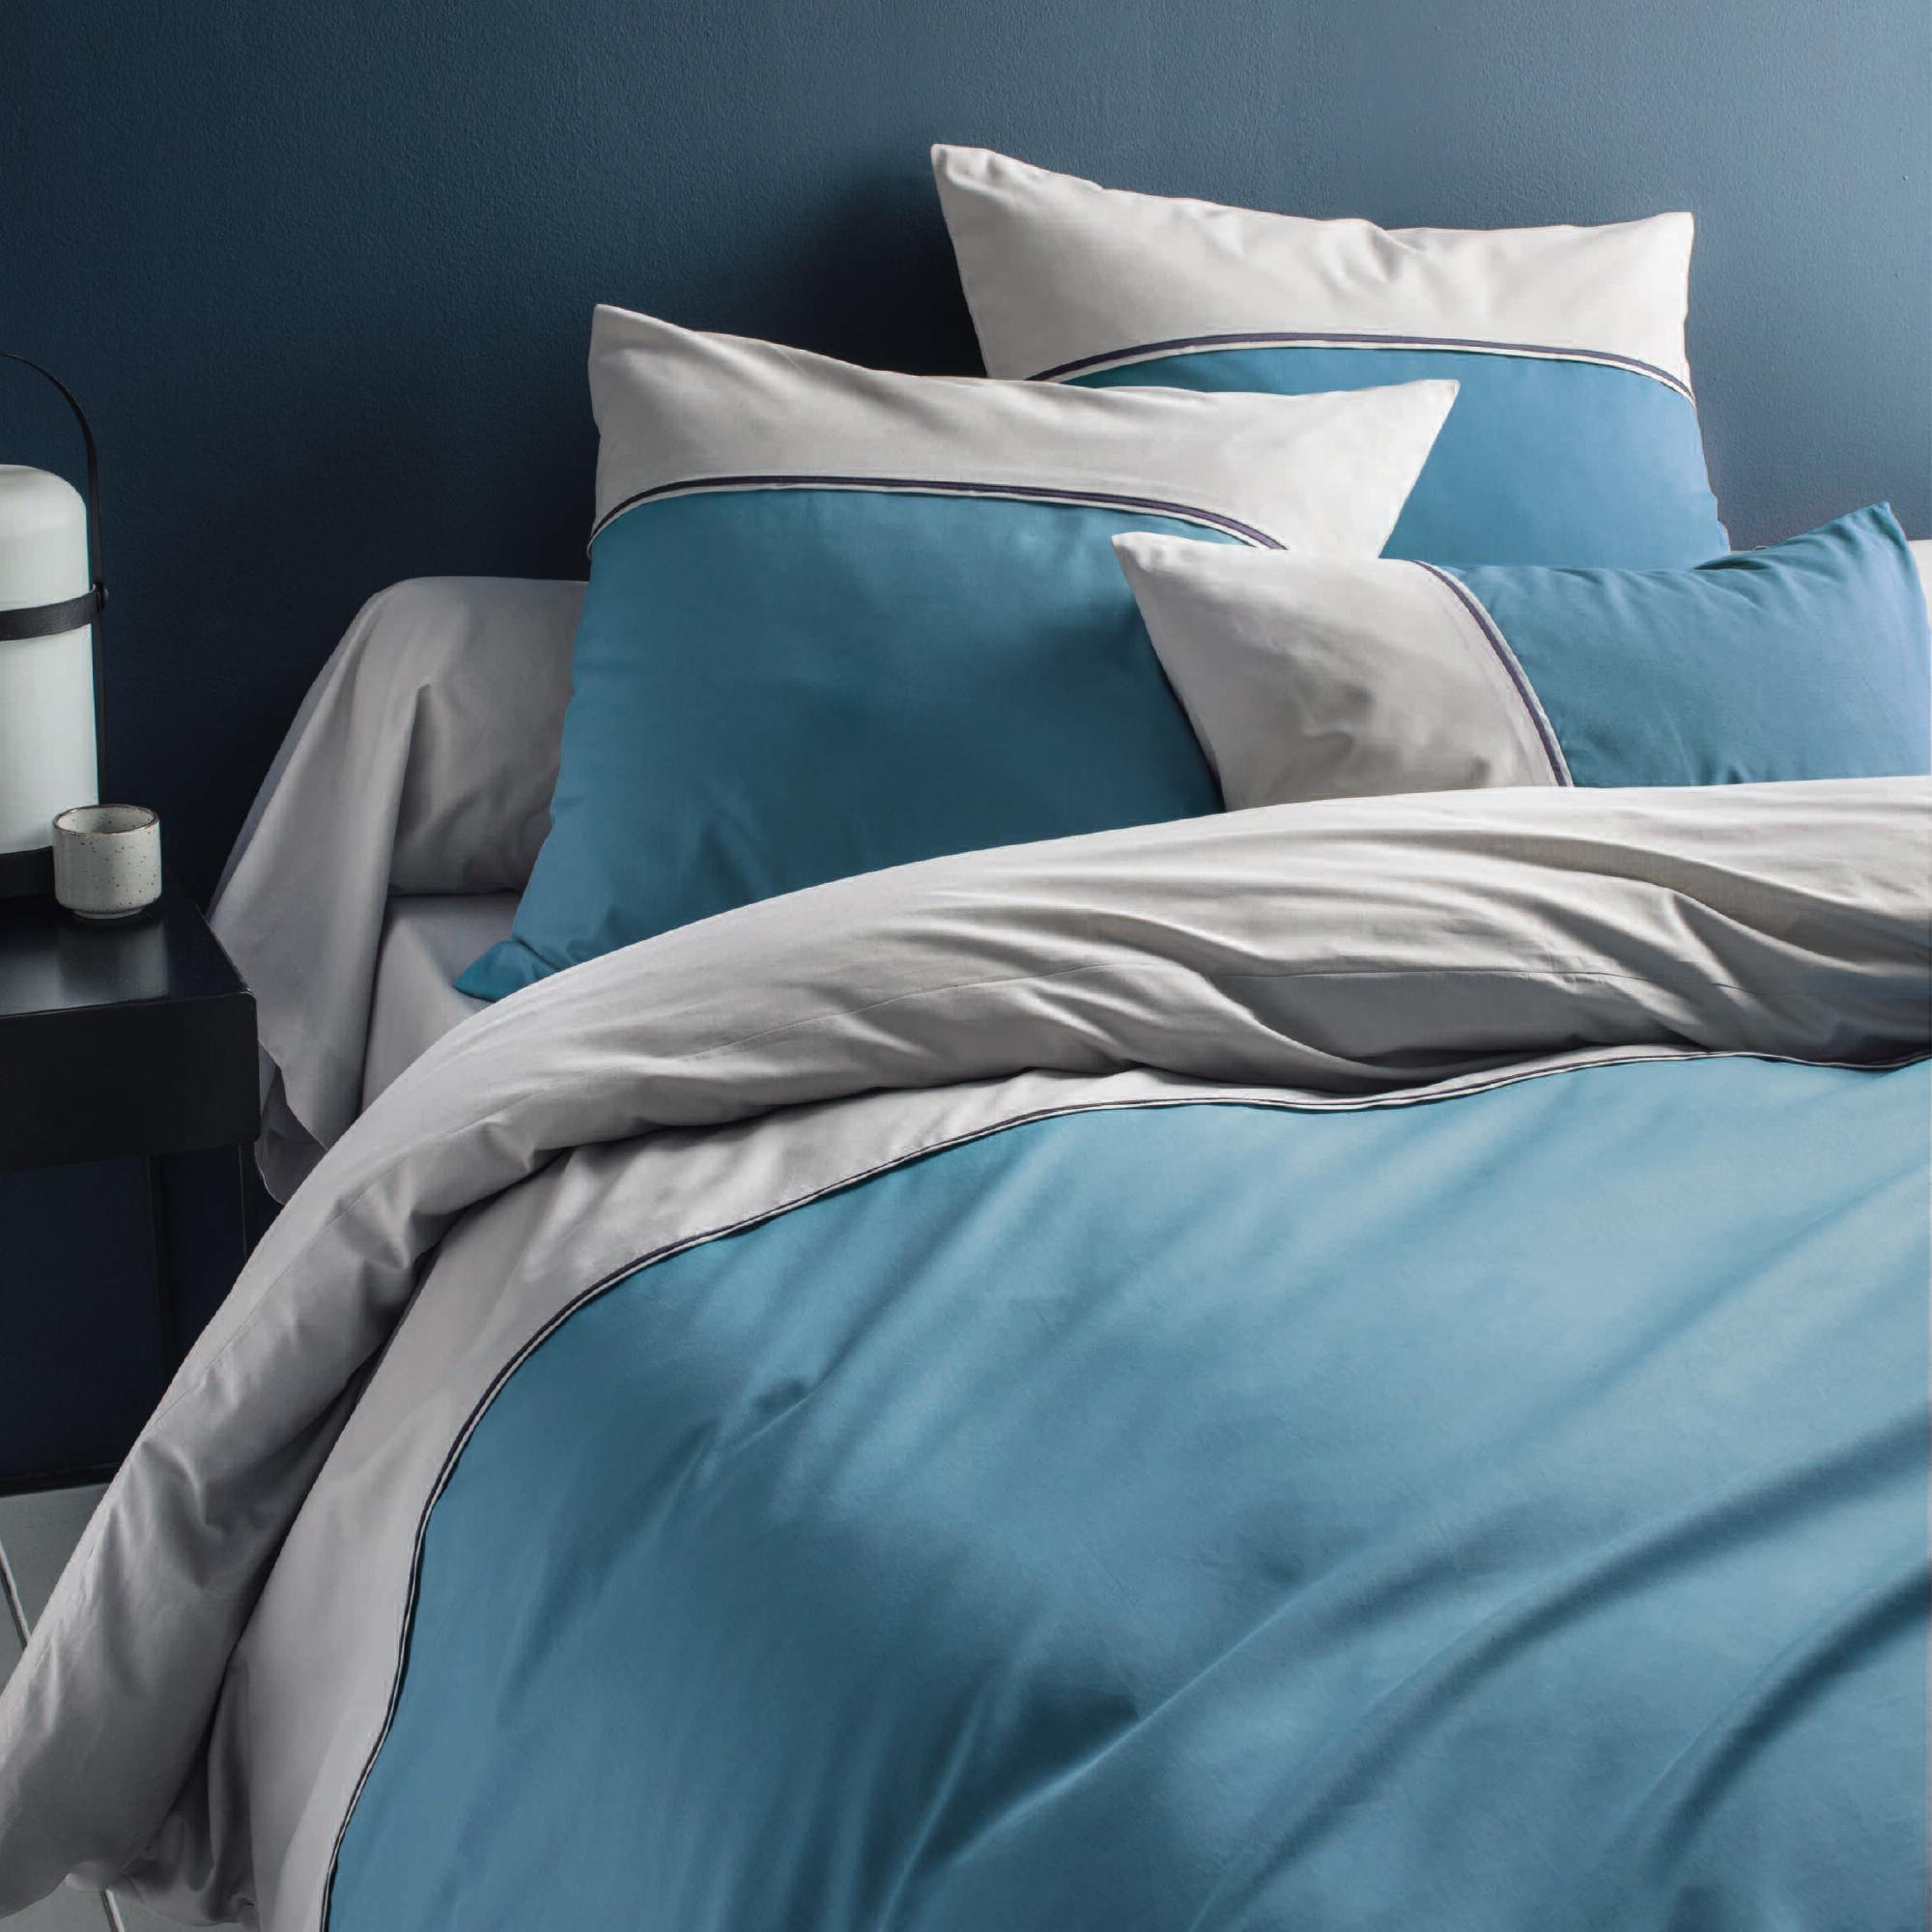 Parure de lit imprimée en coton turquoise 140x200